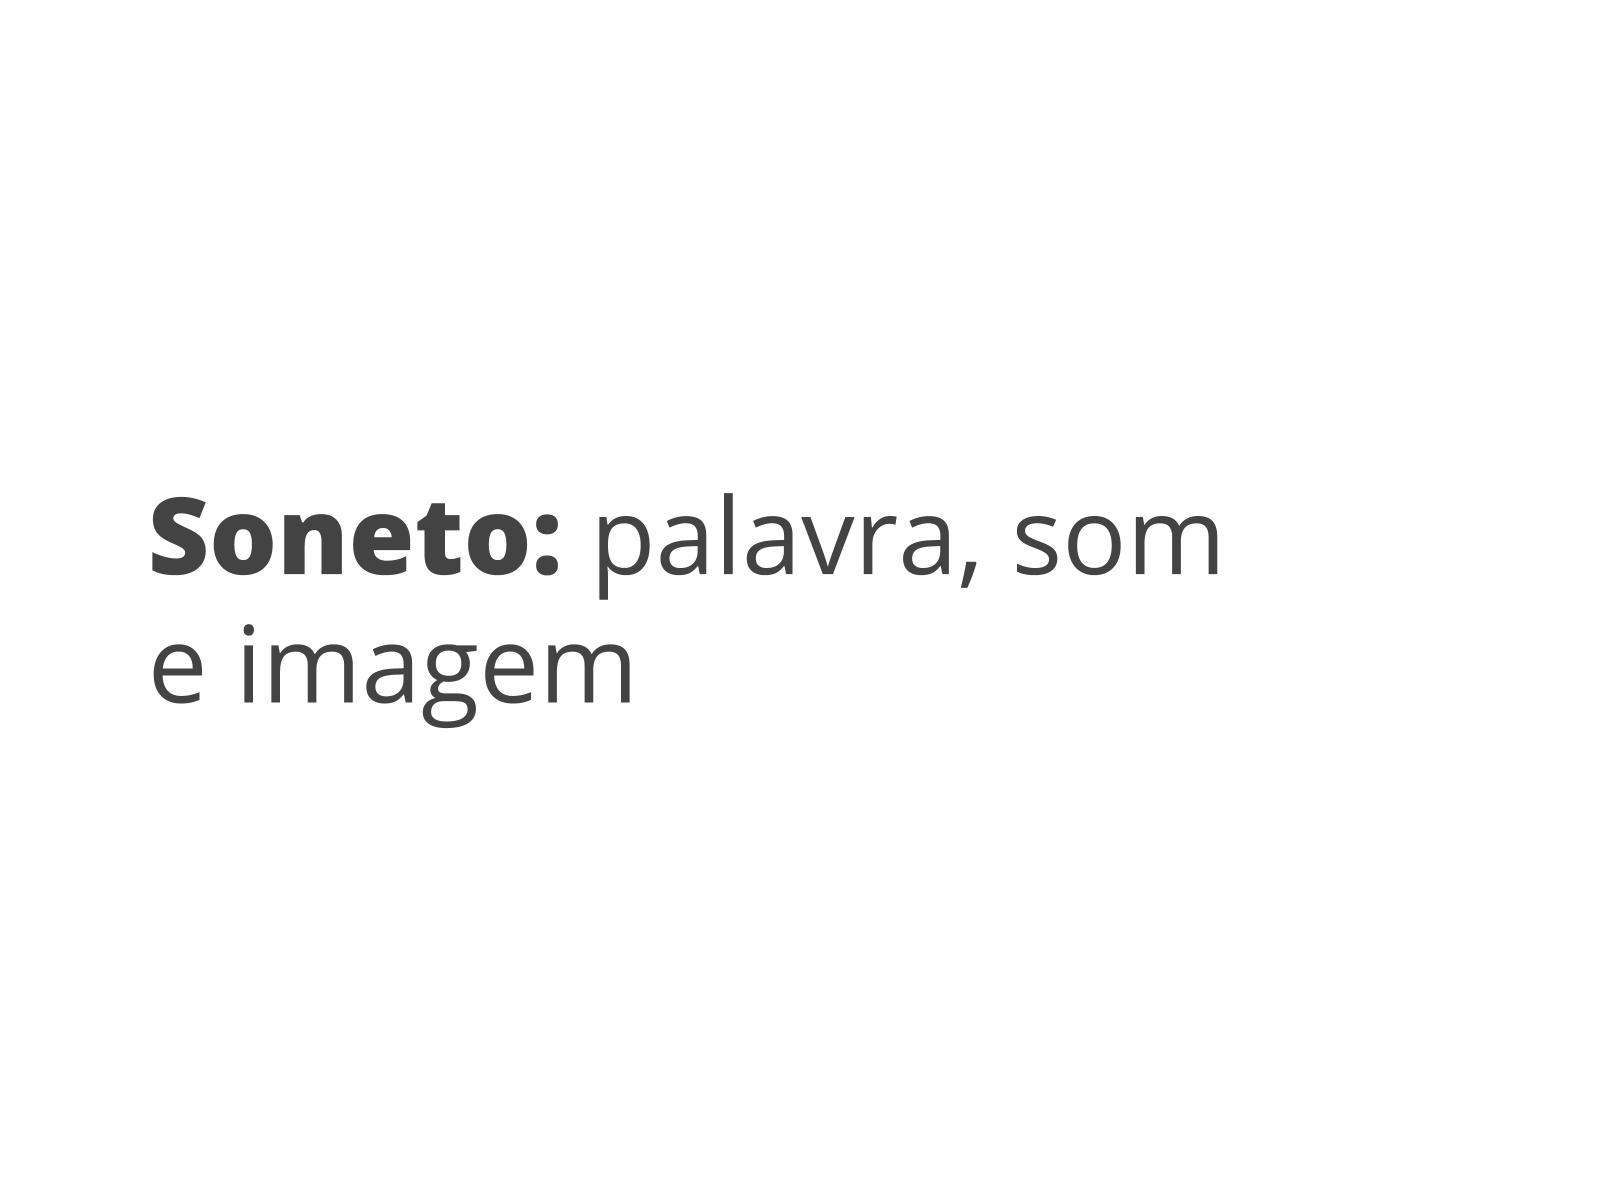 Soneto: palavra, som e imagem